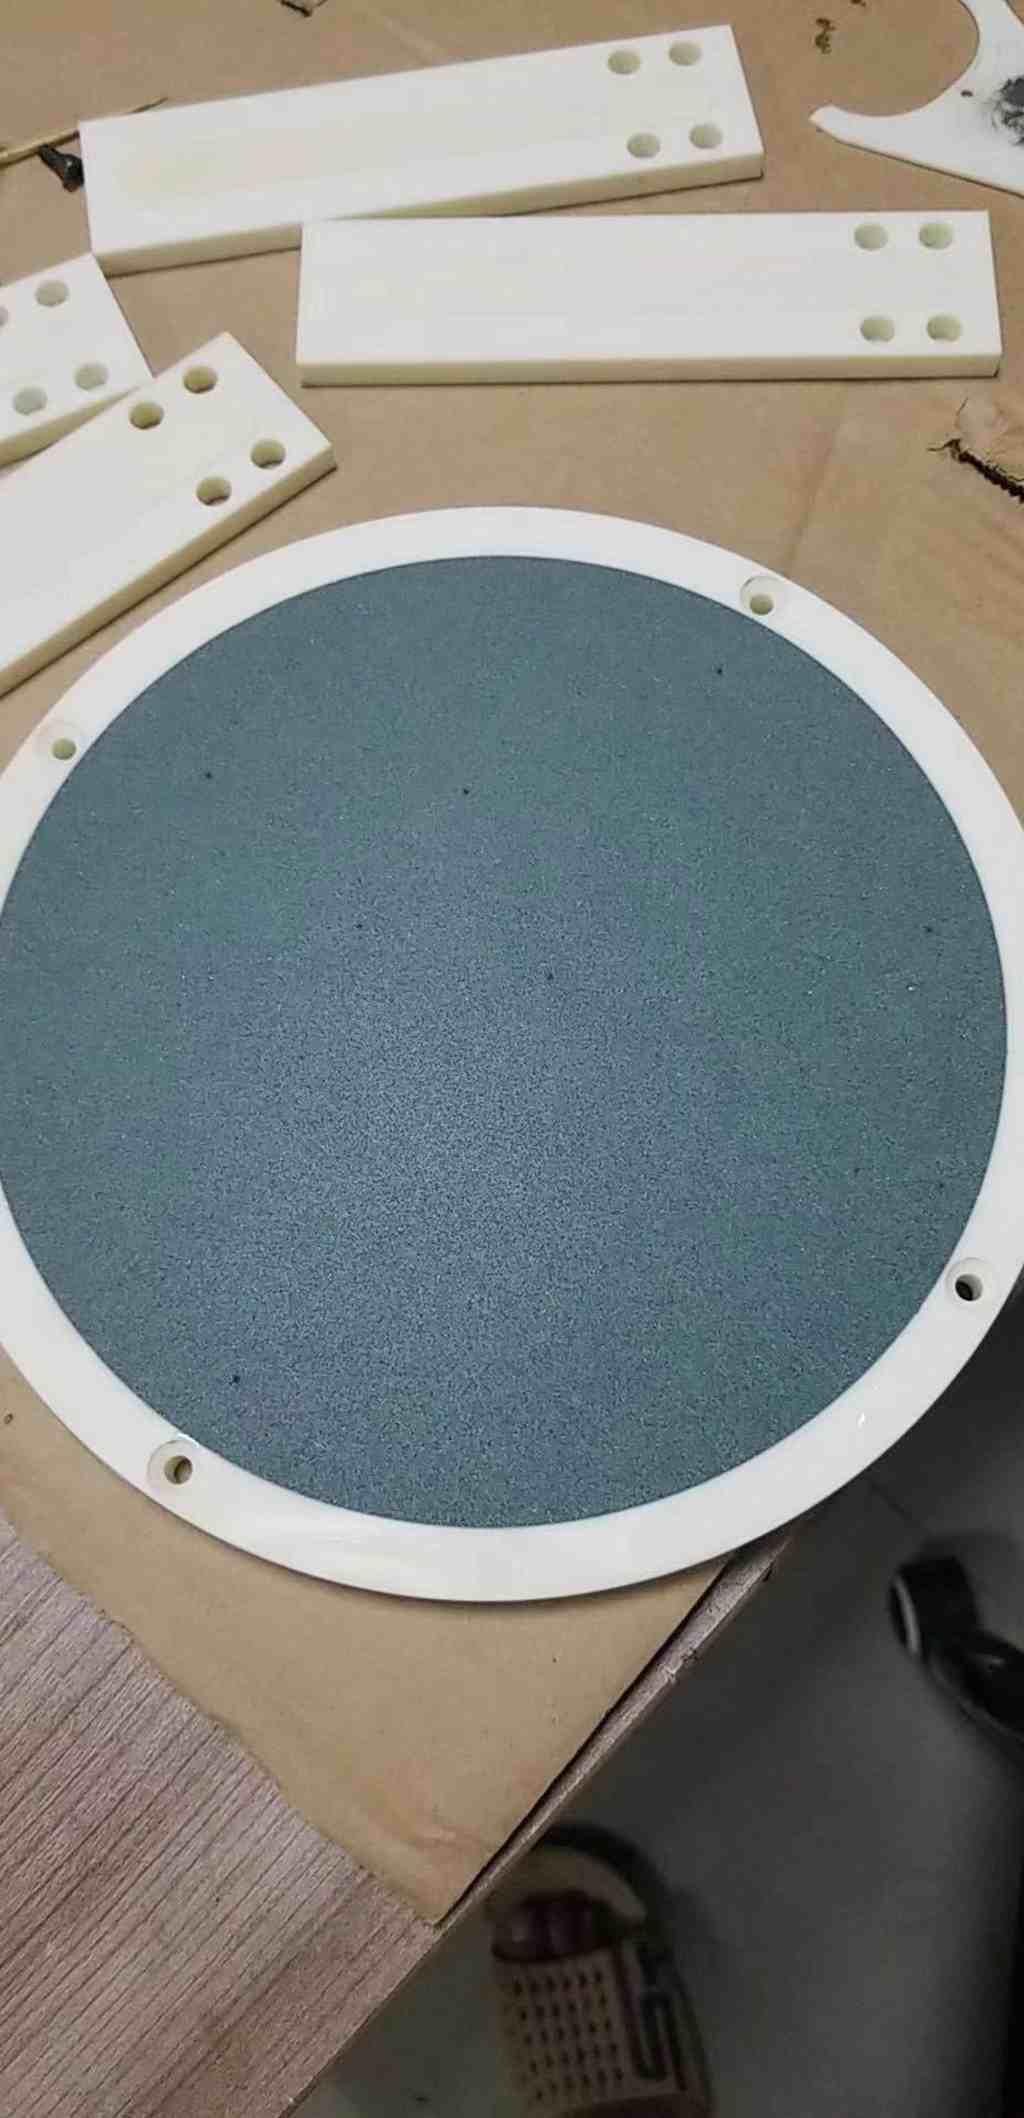 广东精密结构陶瓷价格合理,精密结构陶瓷